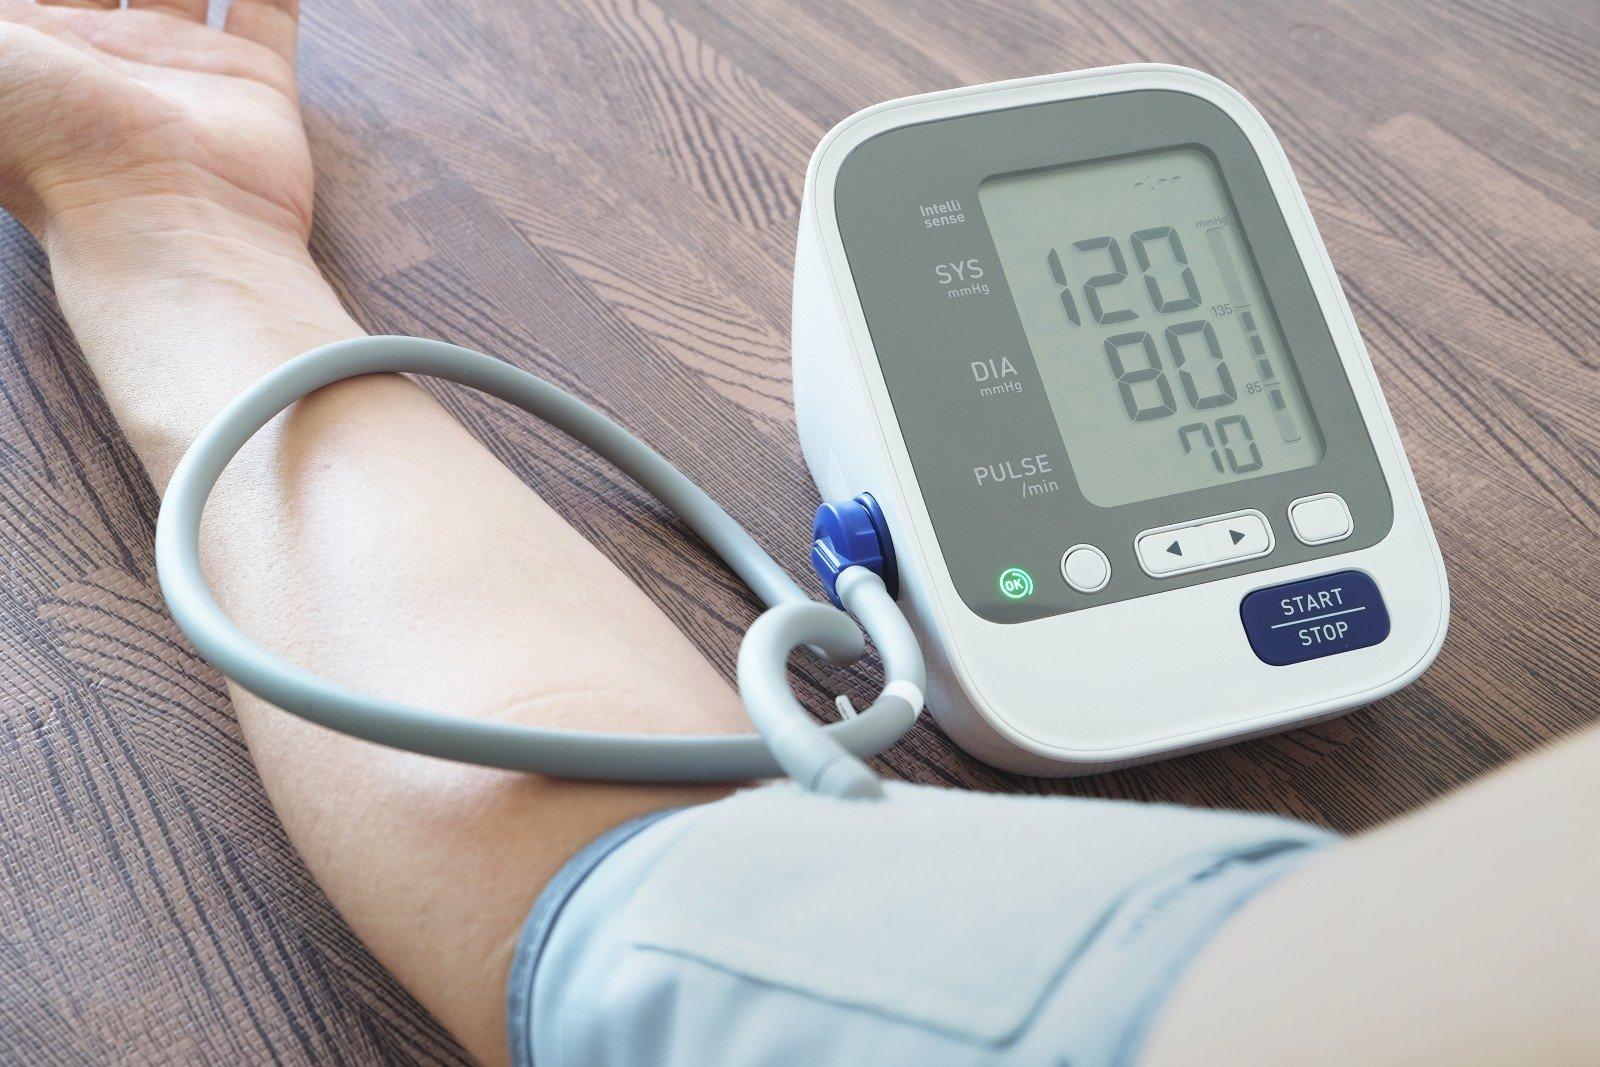 kaip gydyti hipertenzija sergančius sąnarius hipertenzijos mitybos ypatumai